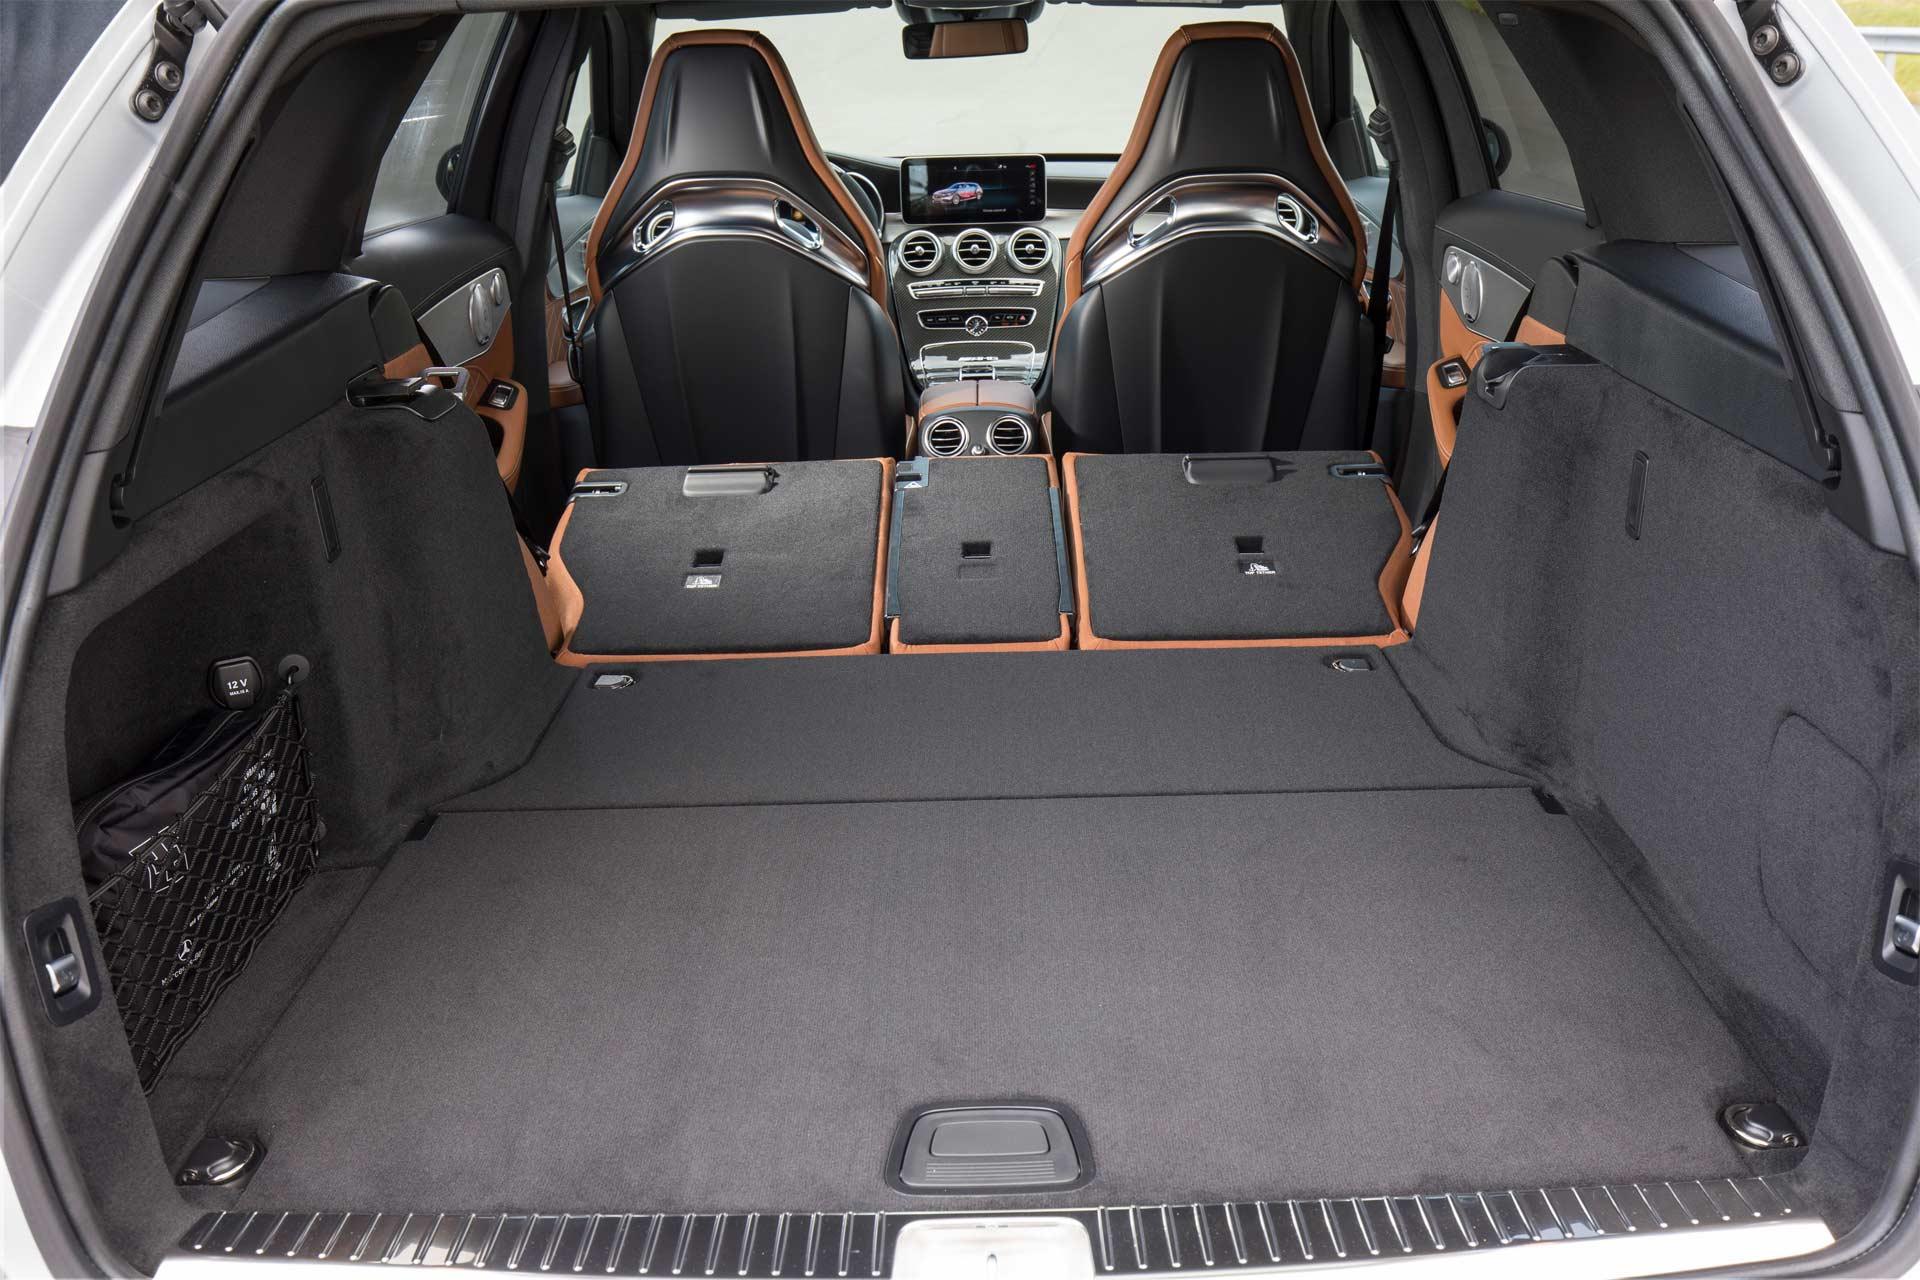 2019-Mercedes-AMG-C-63-S-Estate-interior-boot